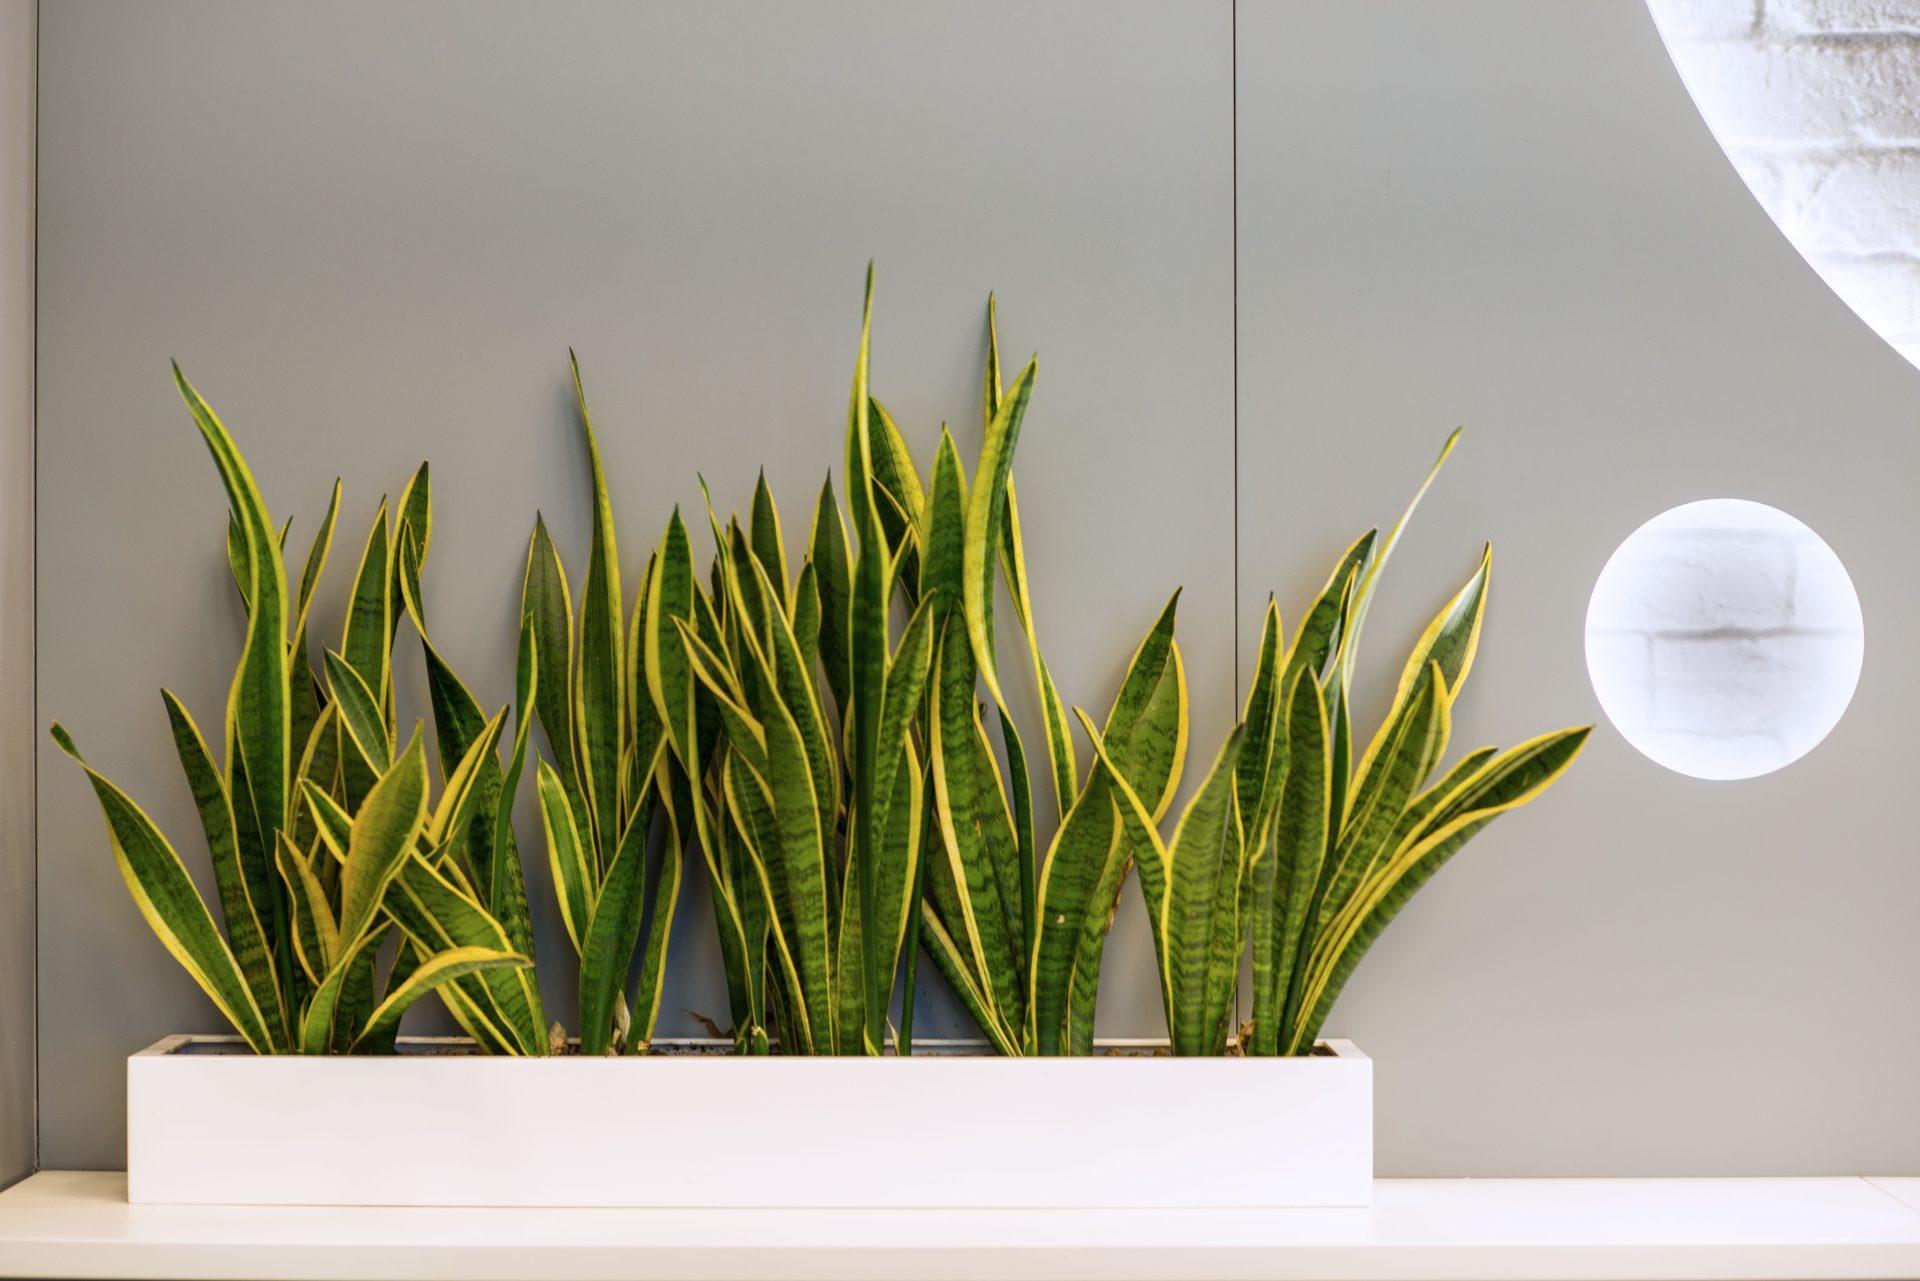 Фото интерьера банка Зенит. Озеленение